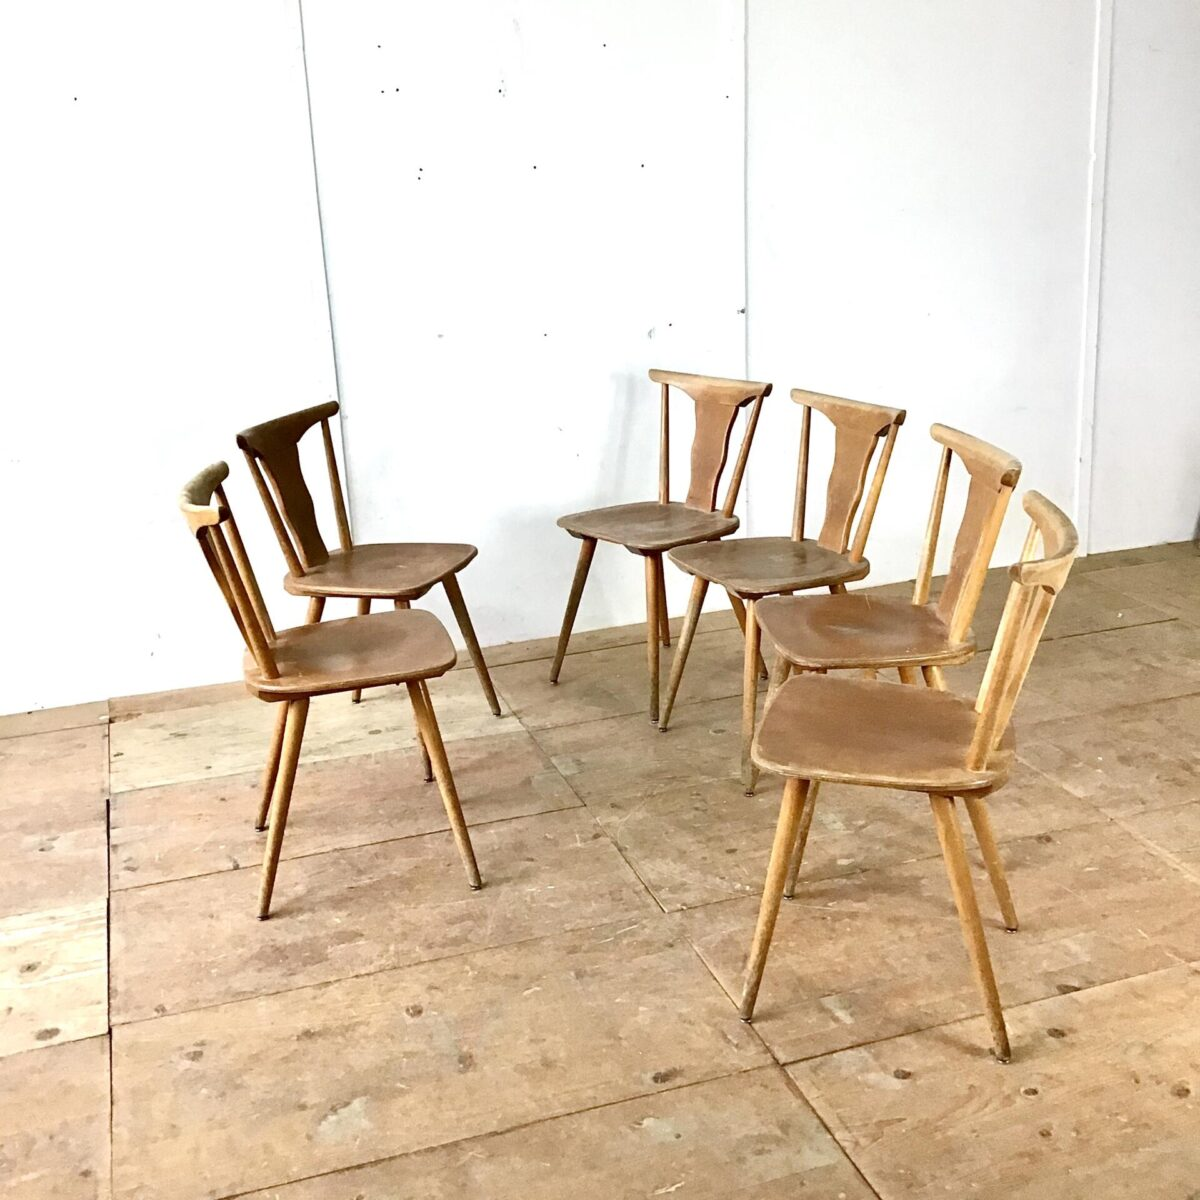 10 Beizenstühle, Stabellen, preis pro Stuhl. Esszimmer Stühle mit spezieller Rückenlehne. Gut sichtbare Gebrauchsspuren, technisch jedoch stabil und bequem.